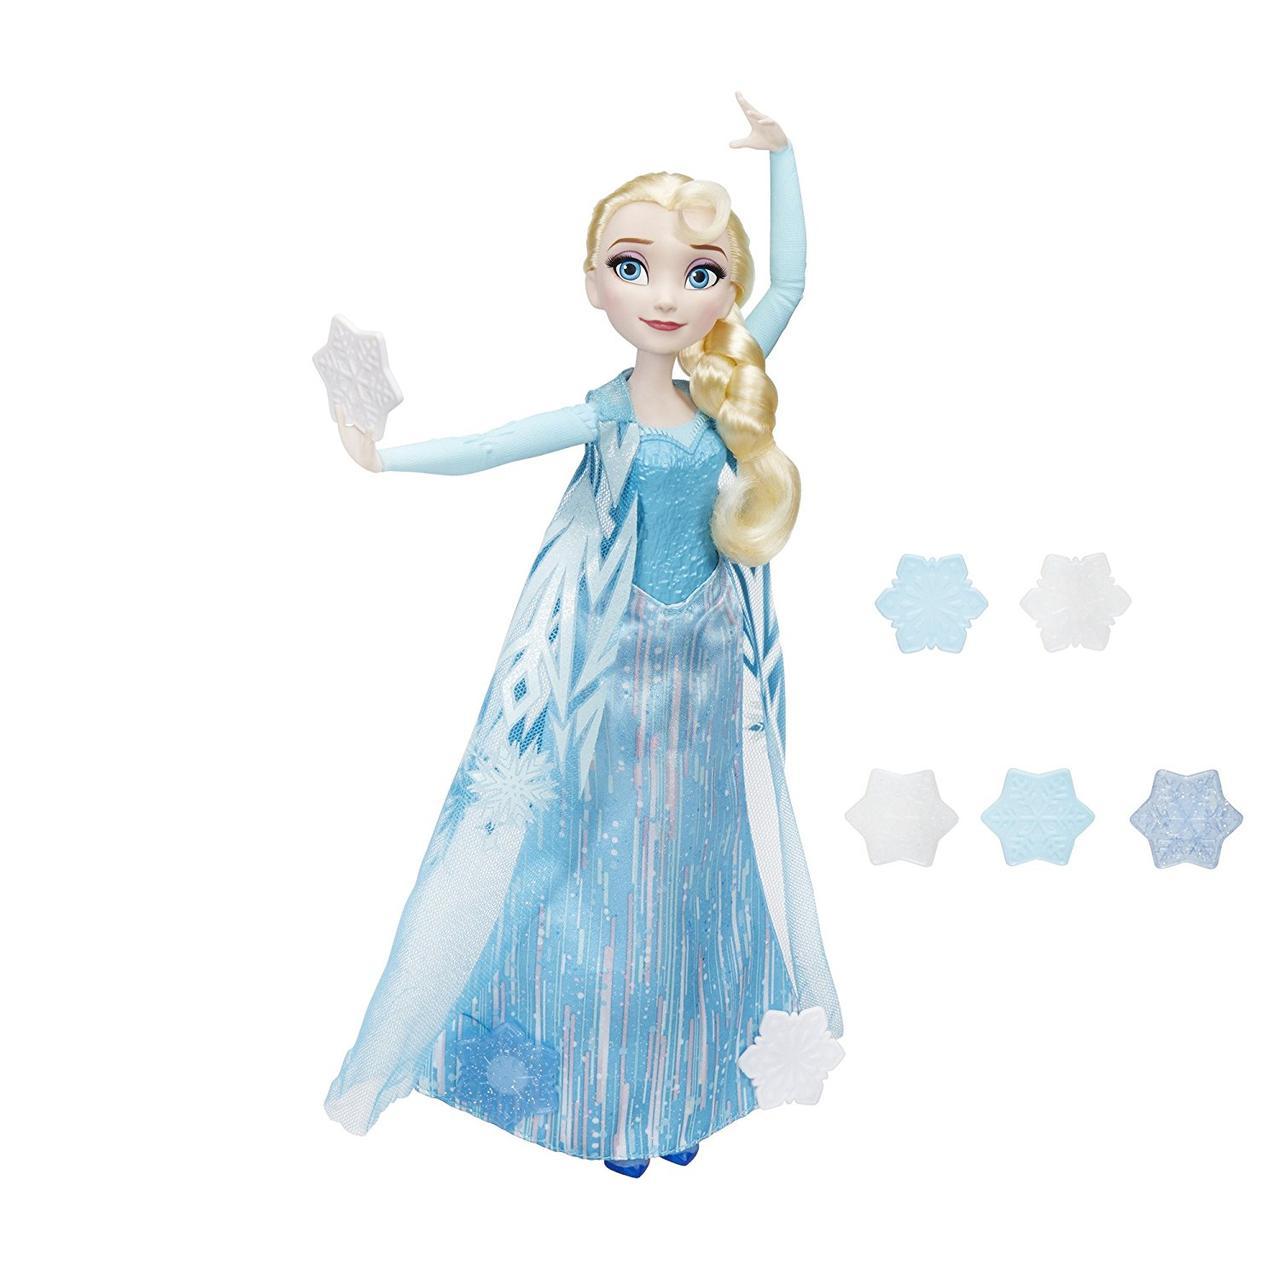 Кукла Дисней Холодное сердце Эльза запускающая снежинки рукой